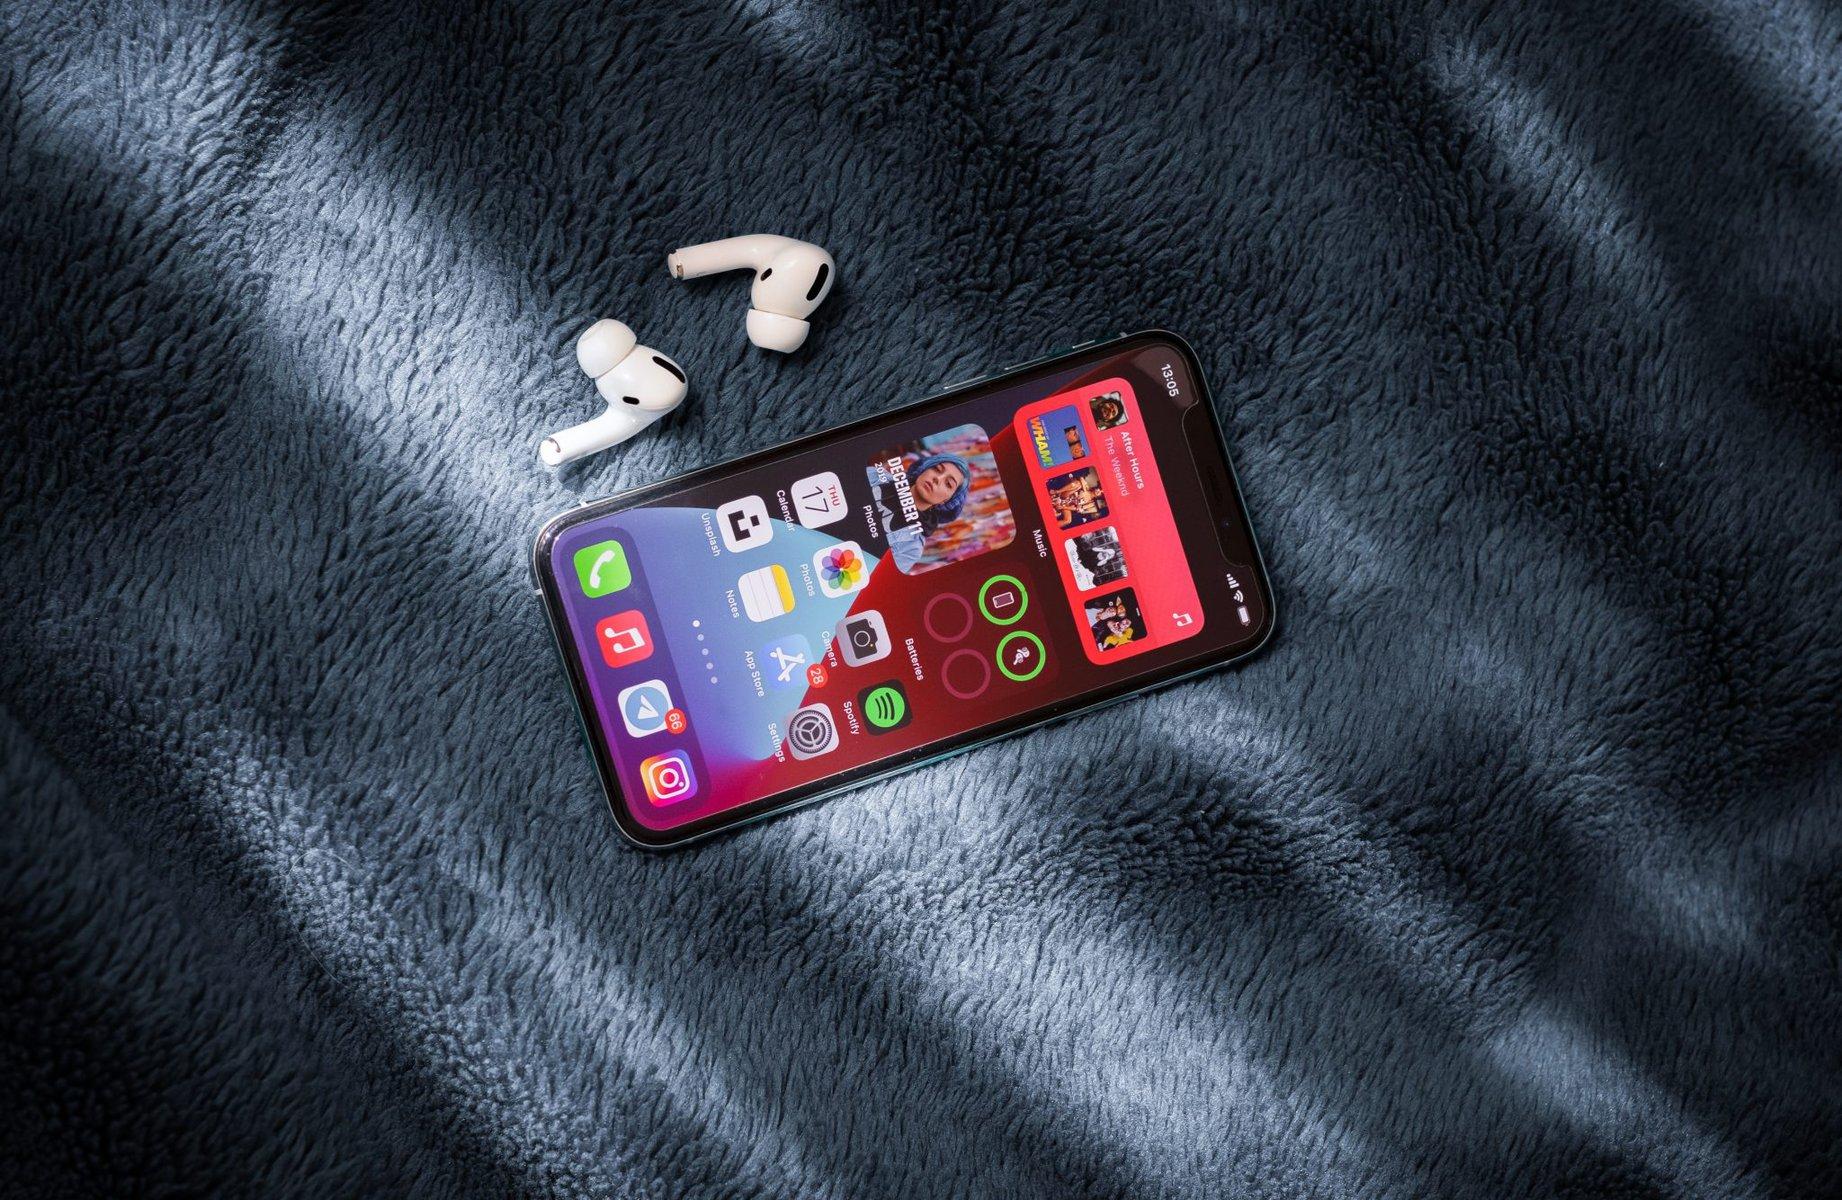 10 widgets para iphone que você precisa experimentar. Em 2020, com a atualização do ios, a apple lançou os widgets para iphones. Para começar este ano com o pé direito, confira nossas indicações de quais adicionar à sua tela inicial